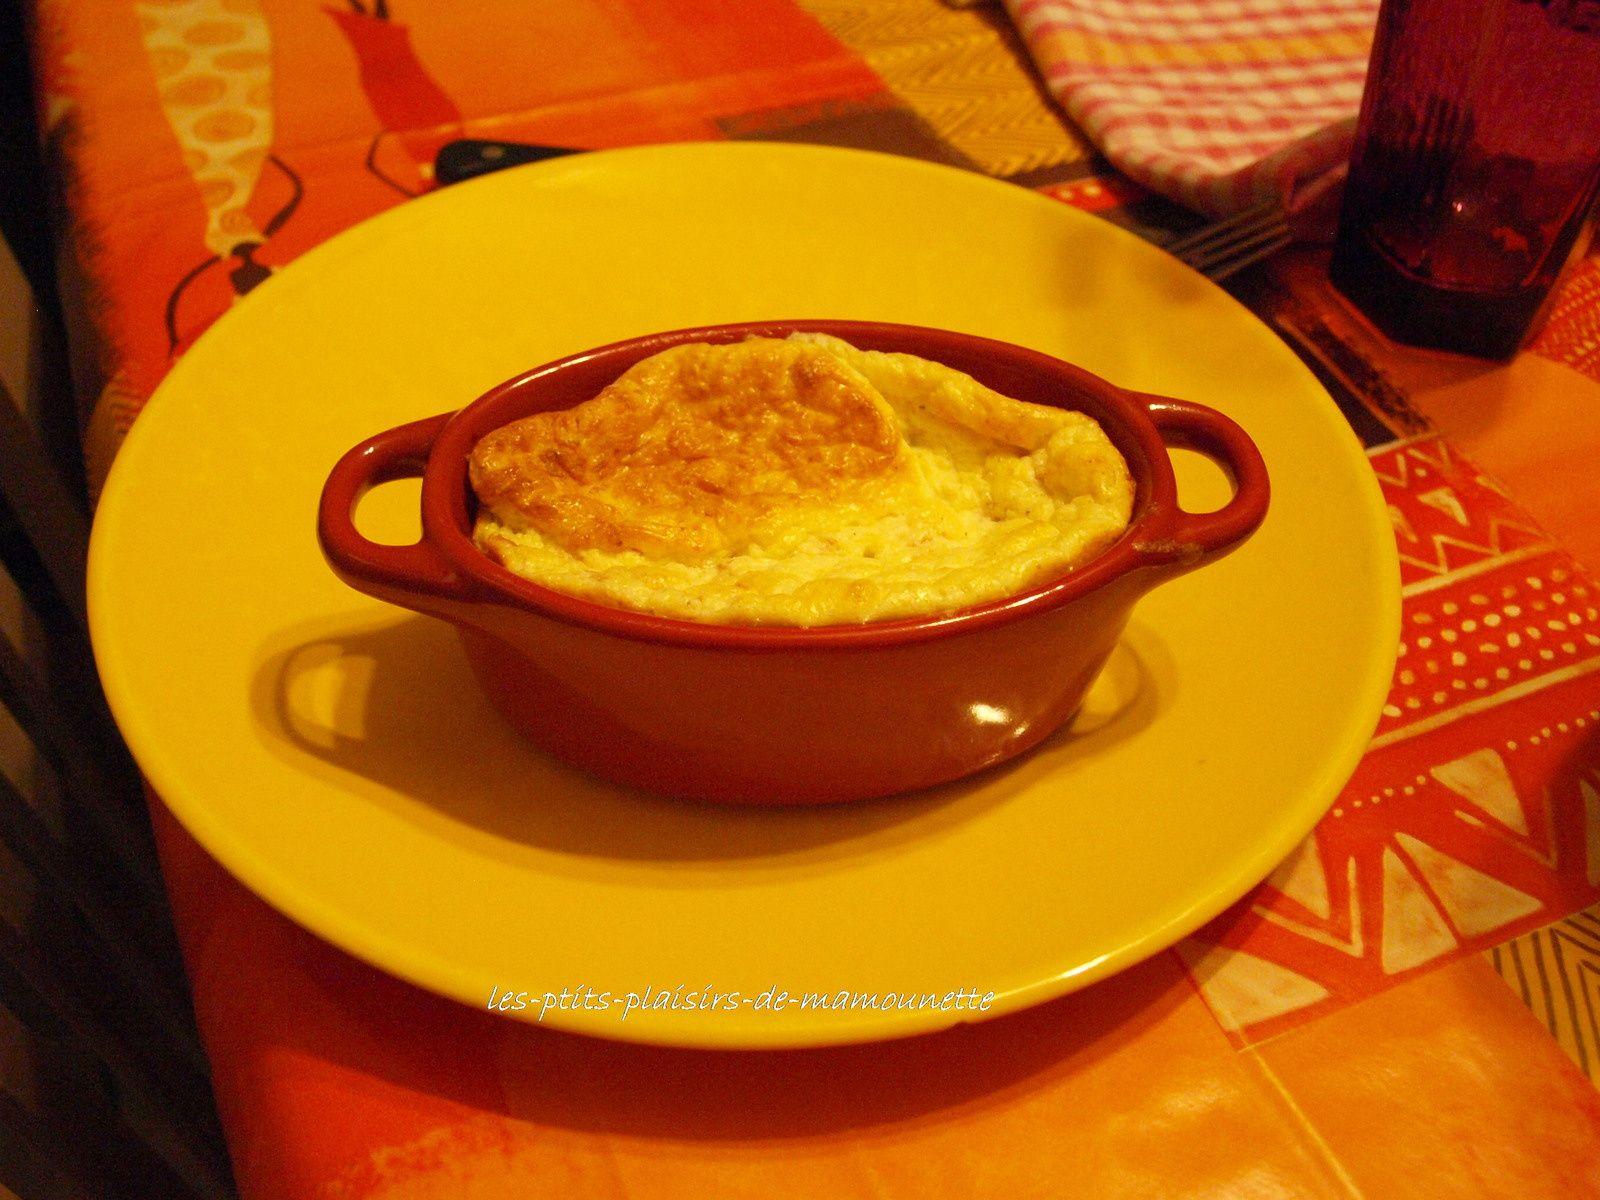 Soufflé au fromage et au jambon